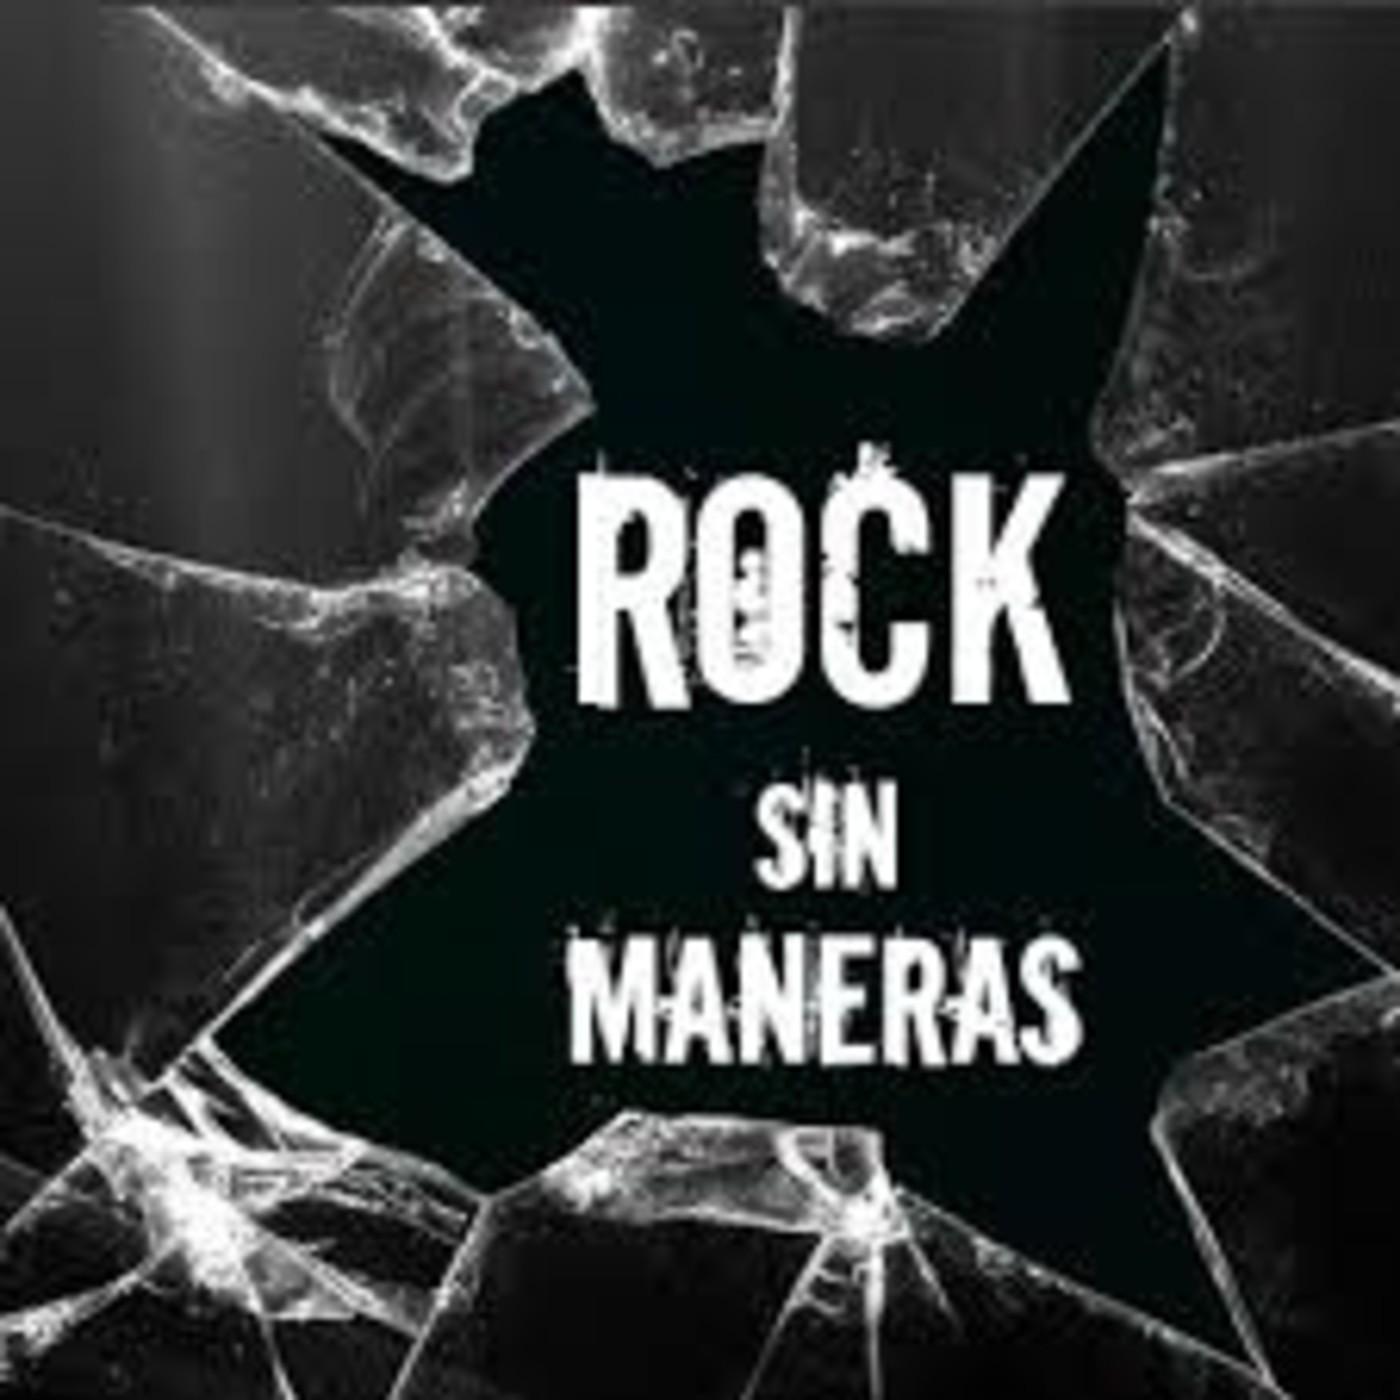 RocksinManeras 05x01: el principio de la V temporada